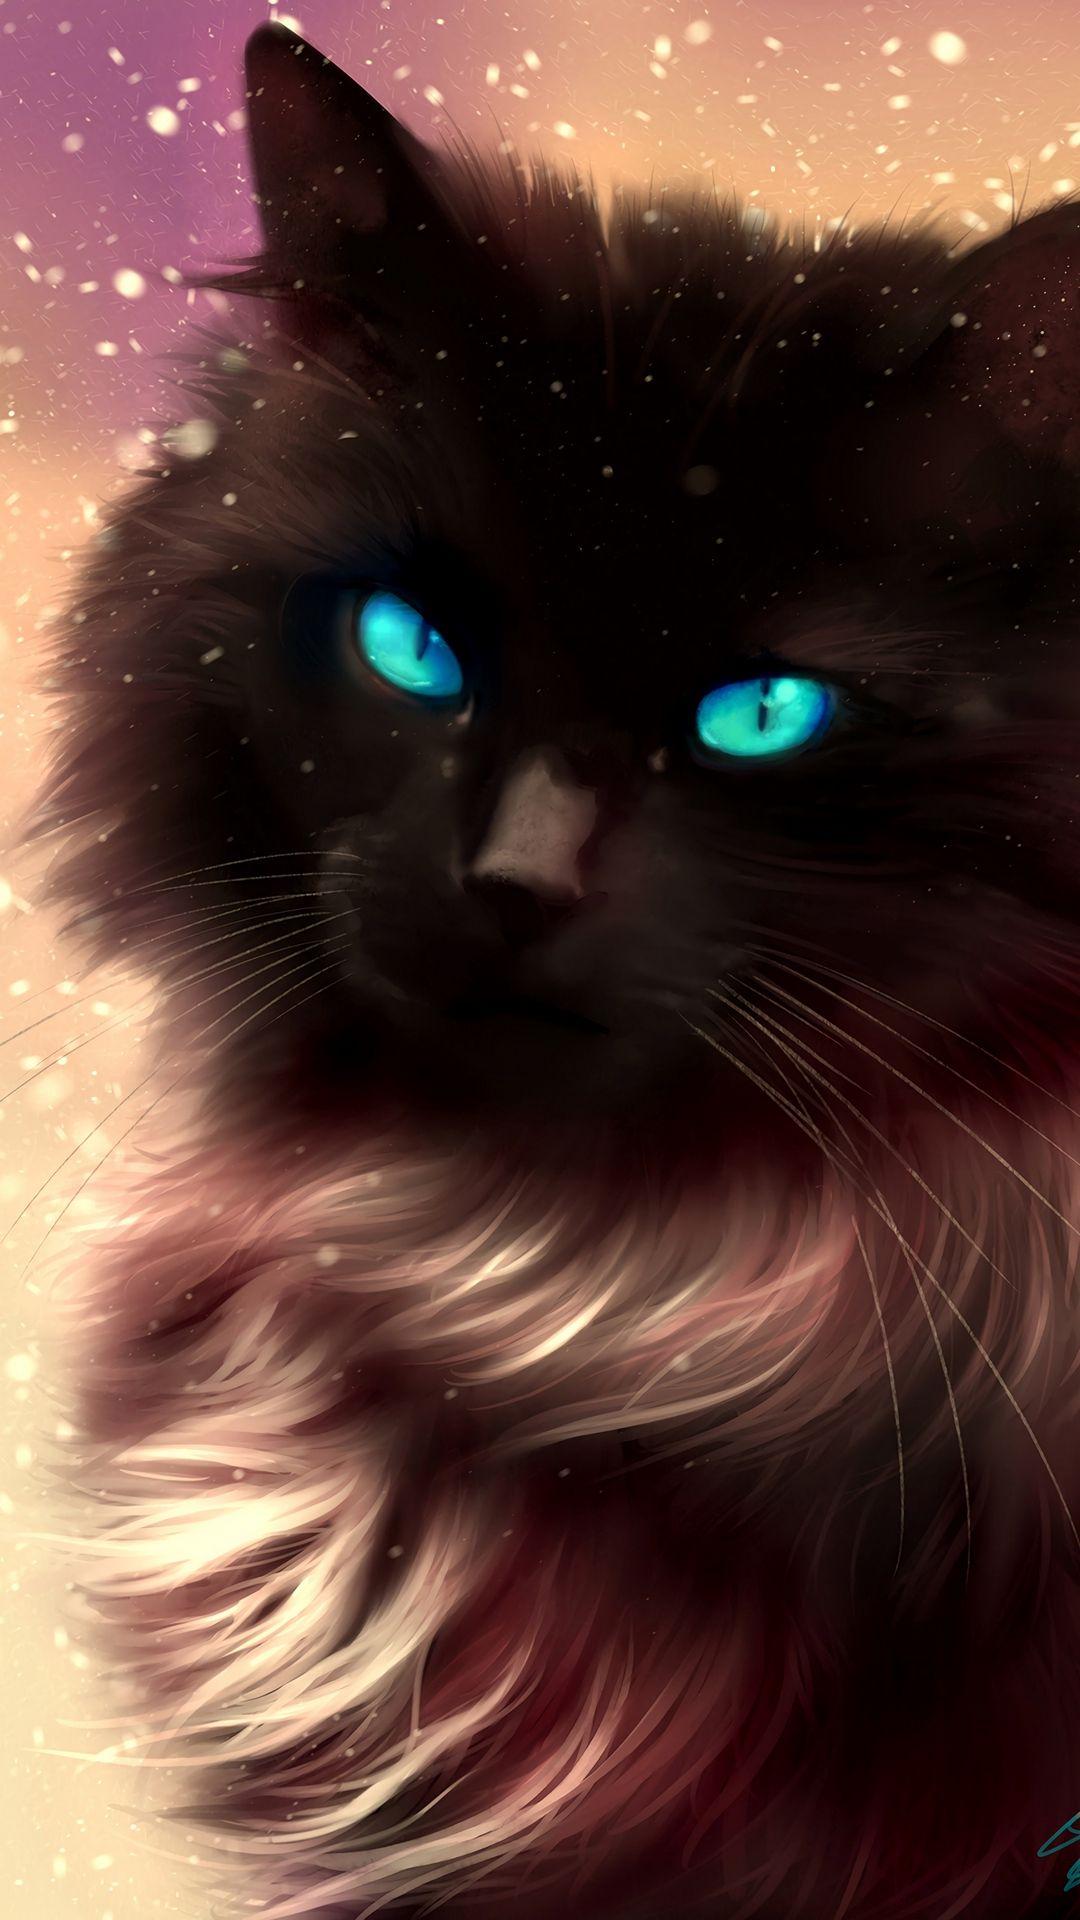 Art Blue Eyed Cat Infinity Wallpaper Cat Drawing Cute Cat